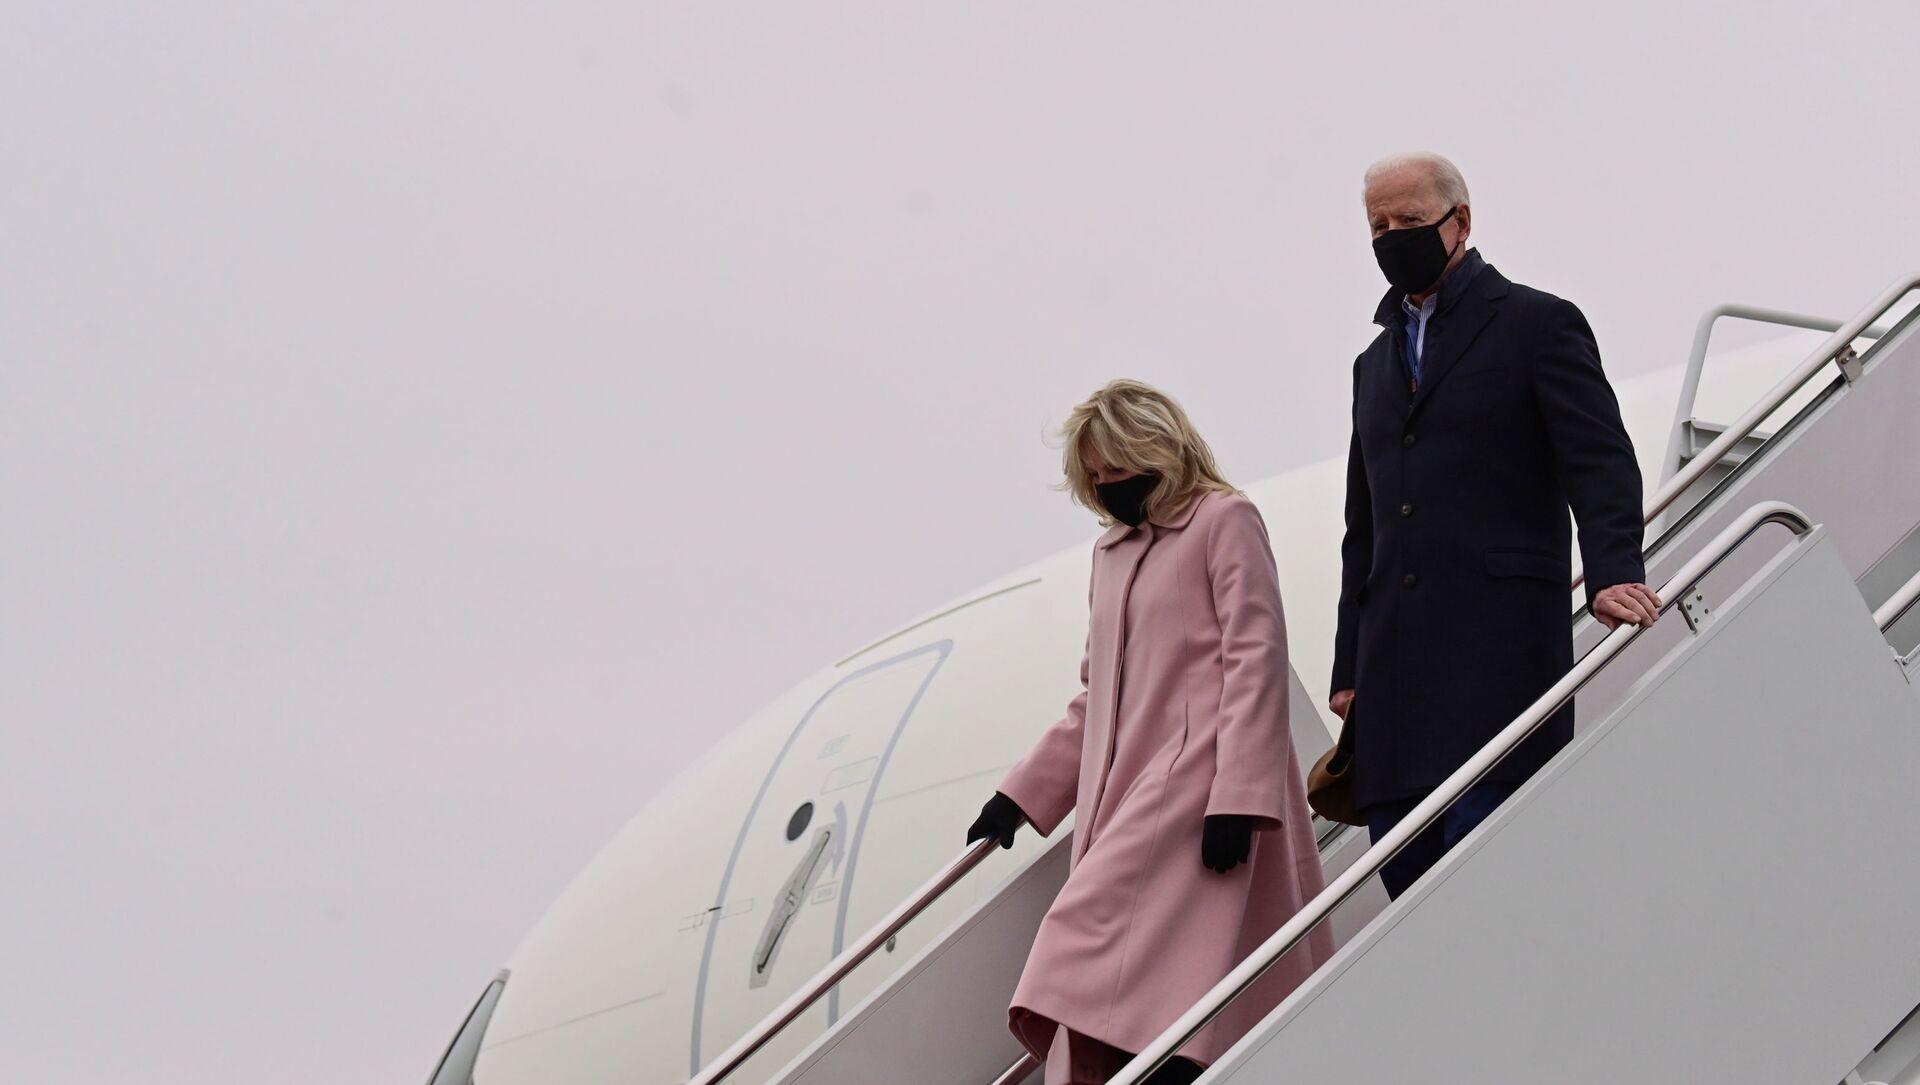 Tổng thống Hoa Kỳ Joe Biden và phu nhân Jill rời khỏi Lực lượng Không quân Một sau chuyến đi đến Trại David, tại Căn cứ chung Andrews, Maryland, Hoa Kỳ, ngày 15 tháng 2 năm 2021. - Sputnik Việt Nam, 1920, 02.04.2021